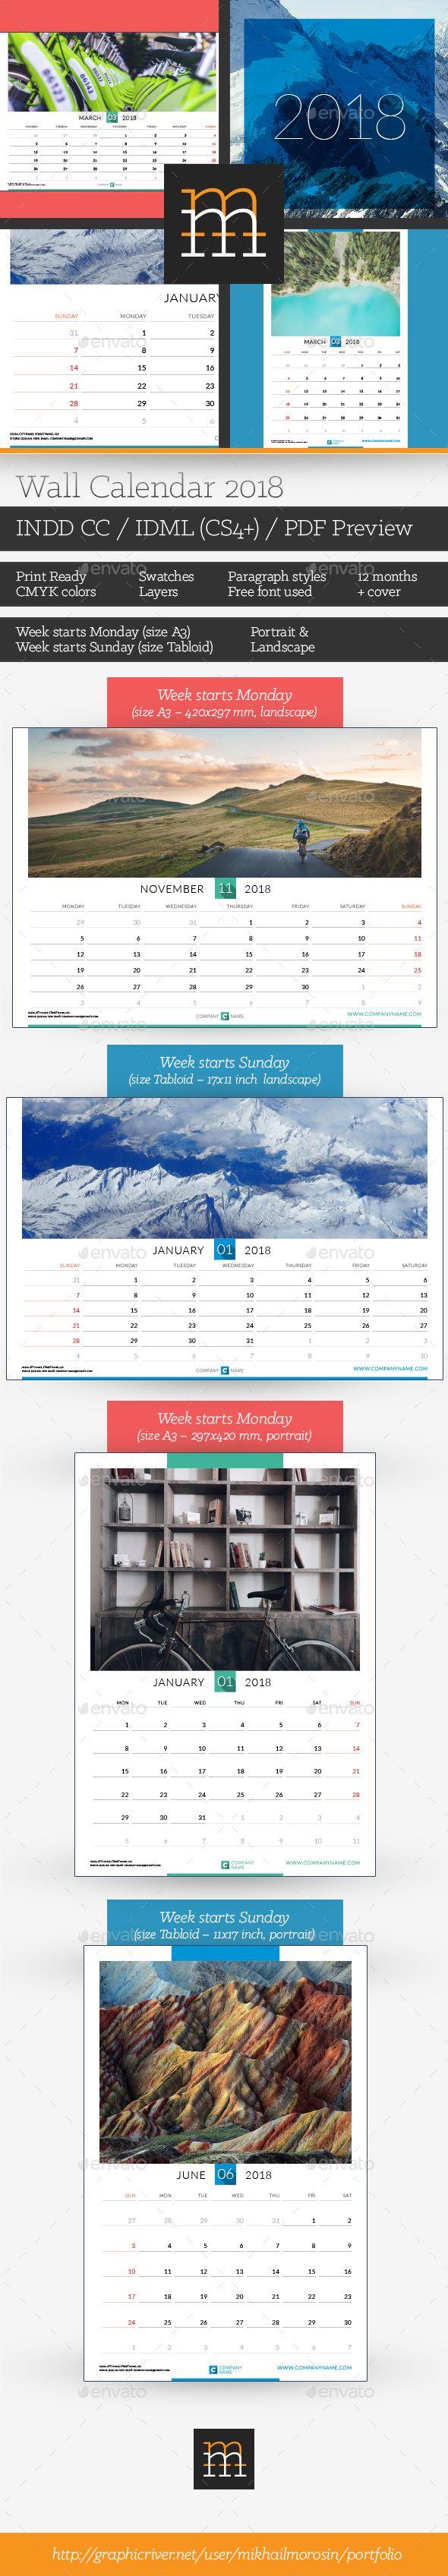 134 best Calendar Templates images on Pinterest | Calendar ...